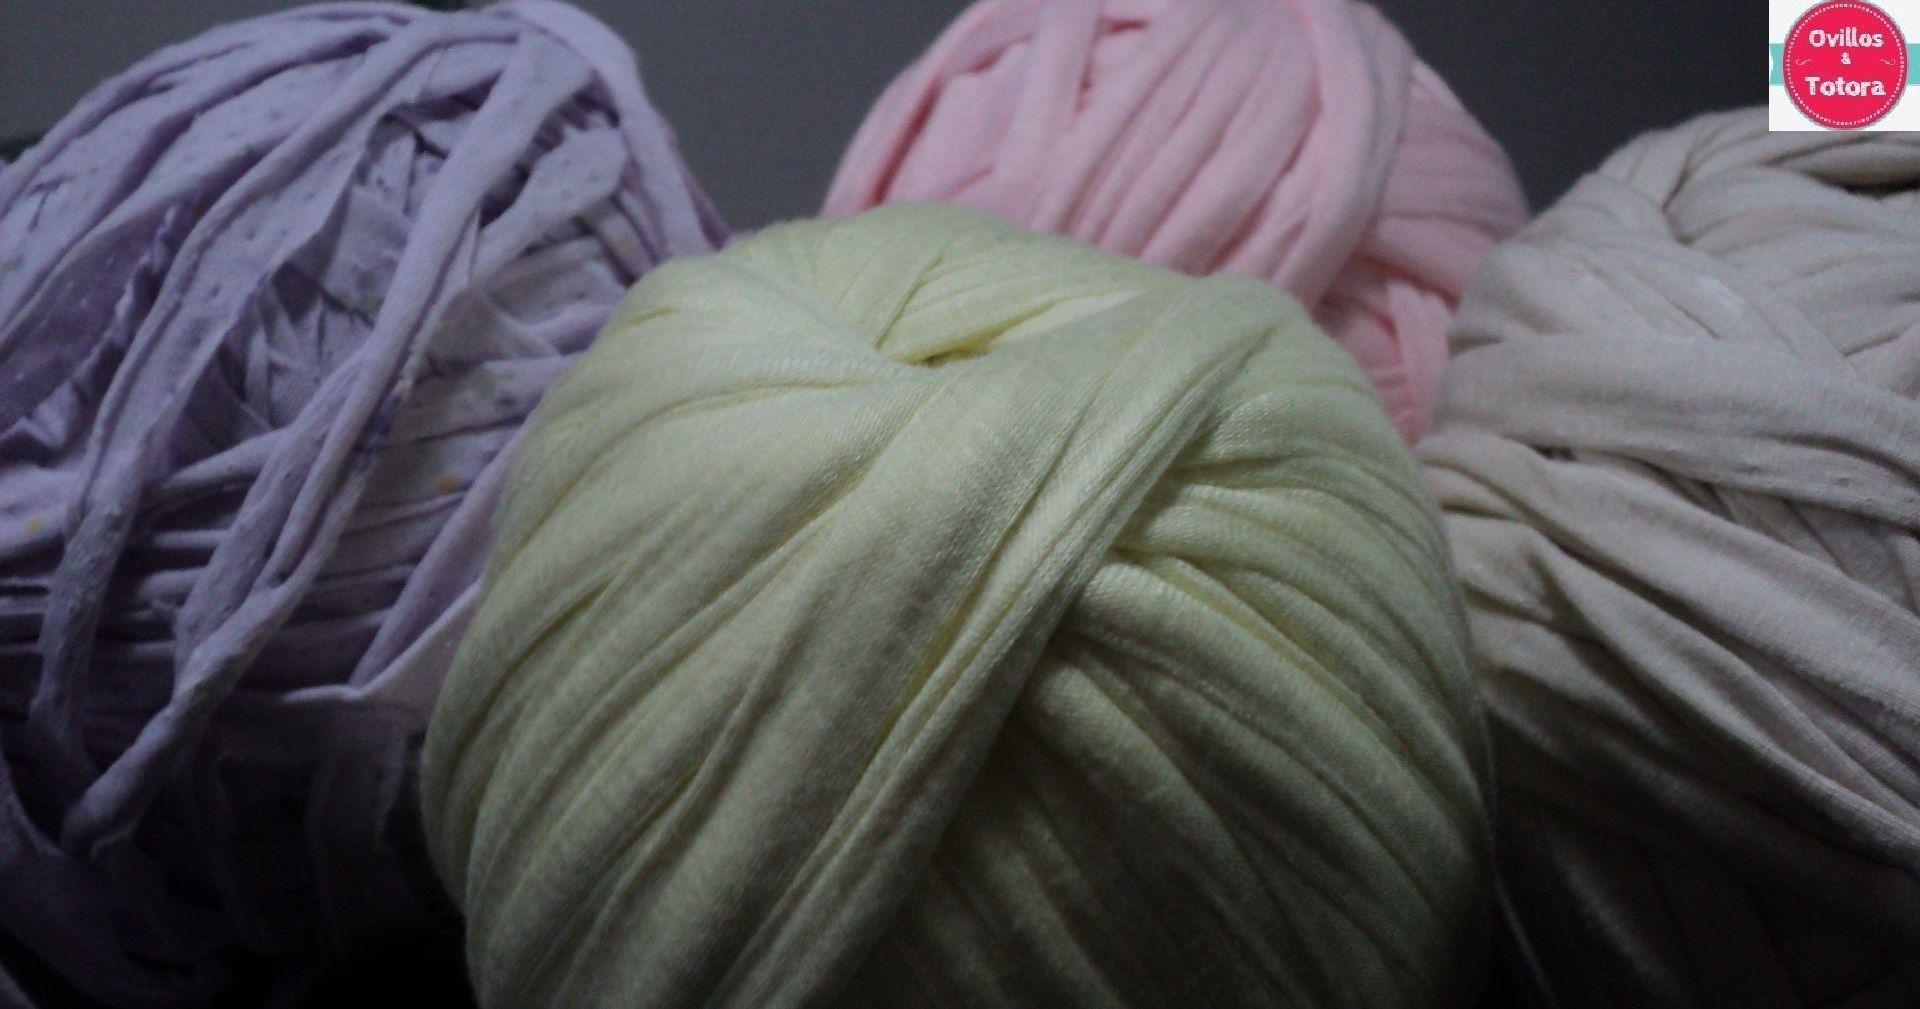 Totora tonos pastel